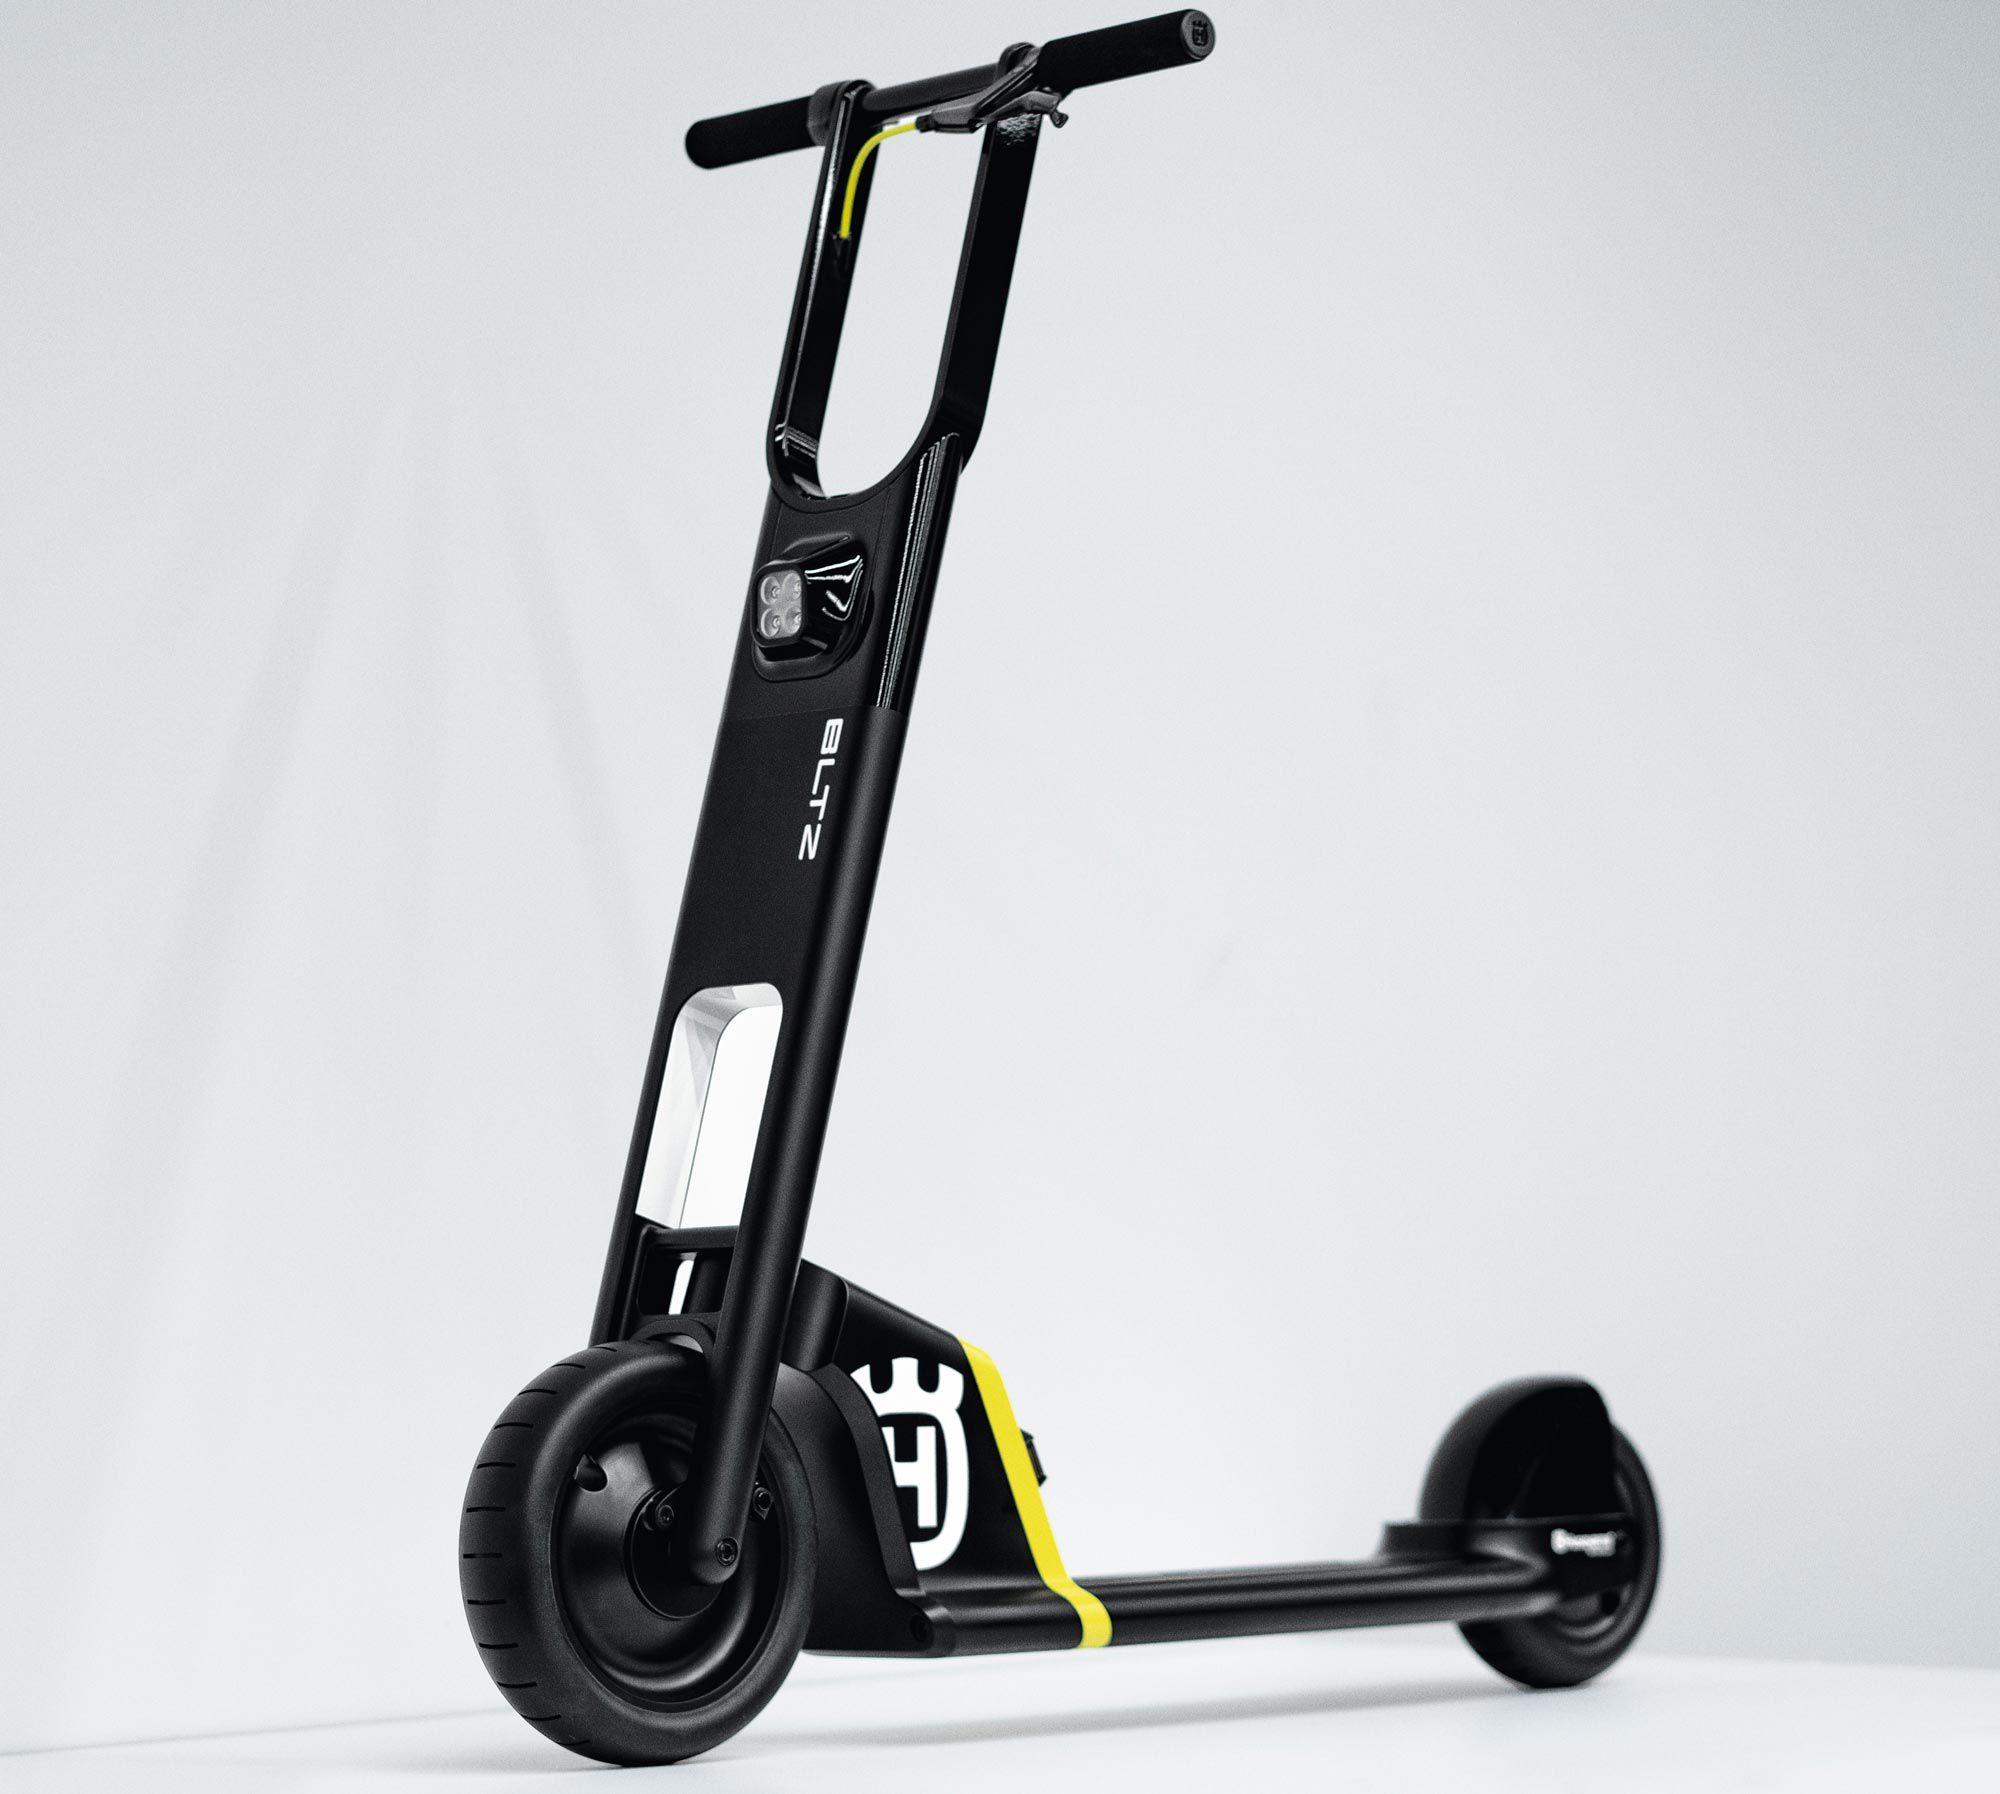 De Bltz is een concept van een elektrische step waar Husqvarna op kan staan en hoopt berijders in drukke stedelijke gebieden te kunnen aanspreken.